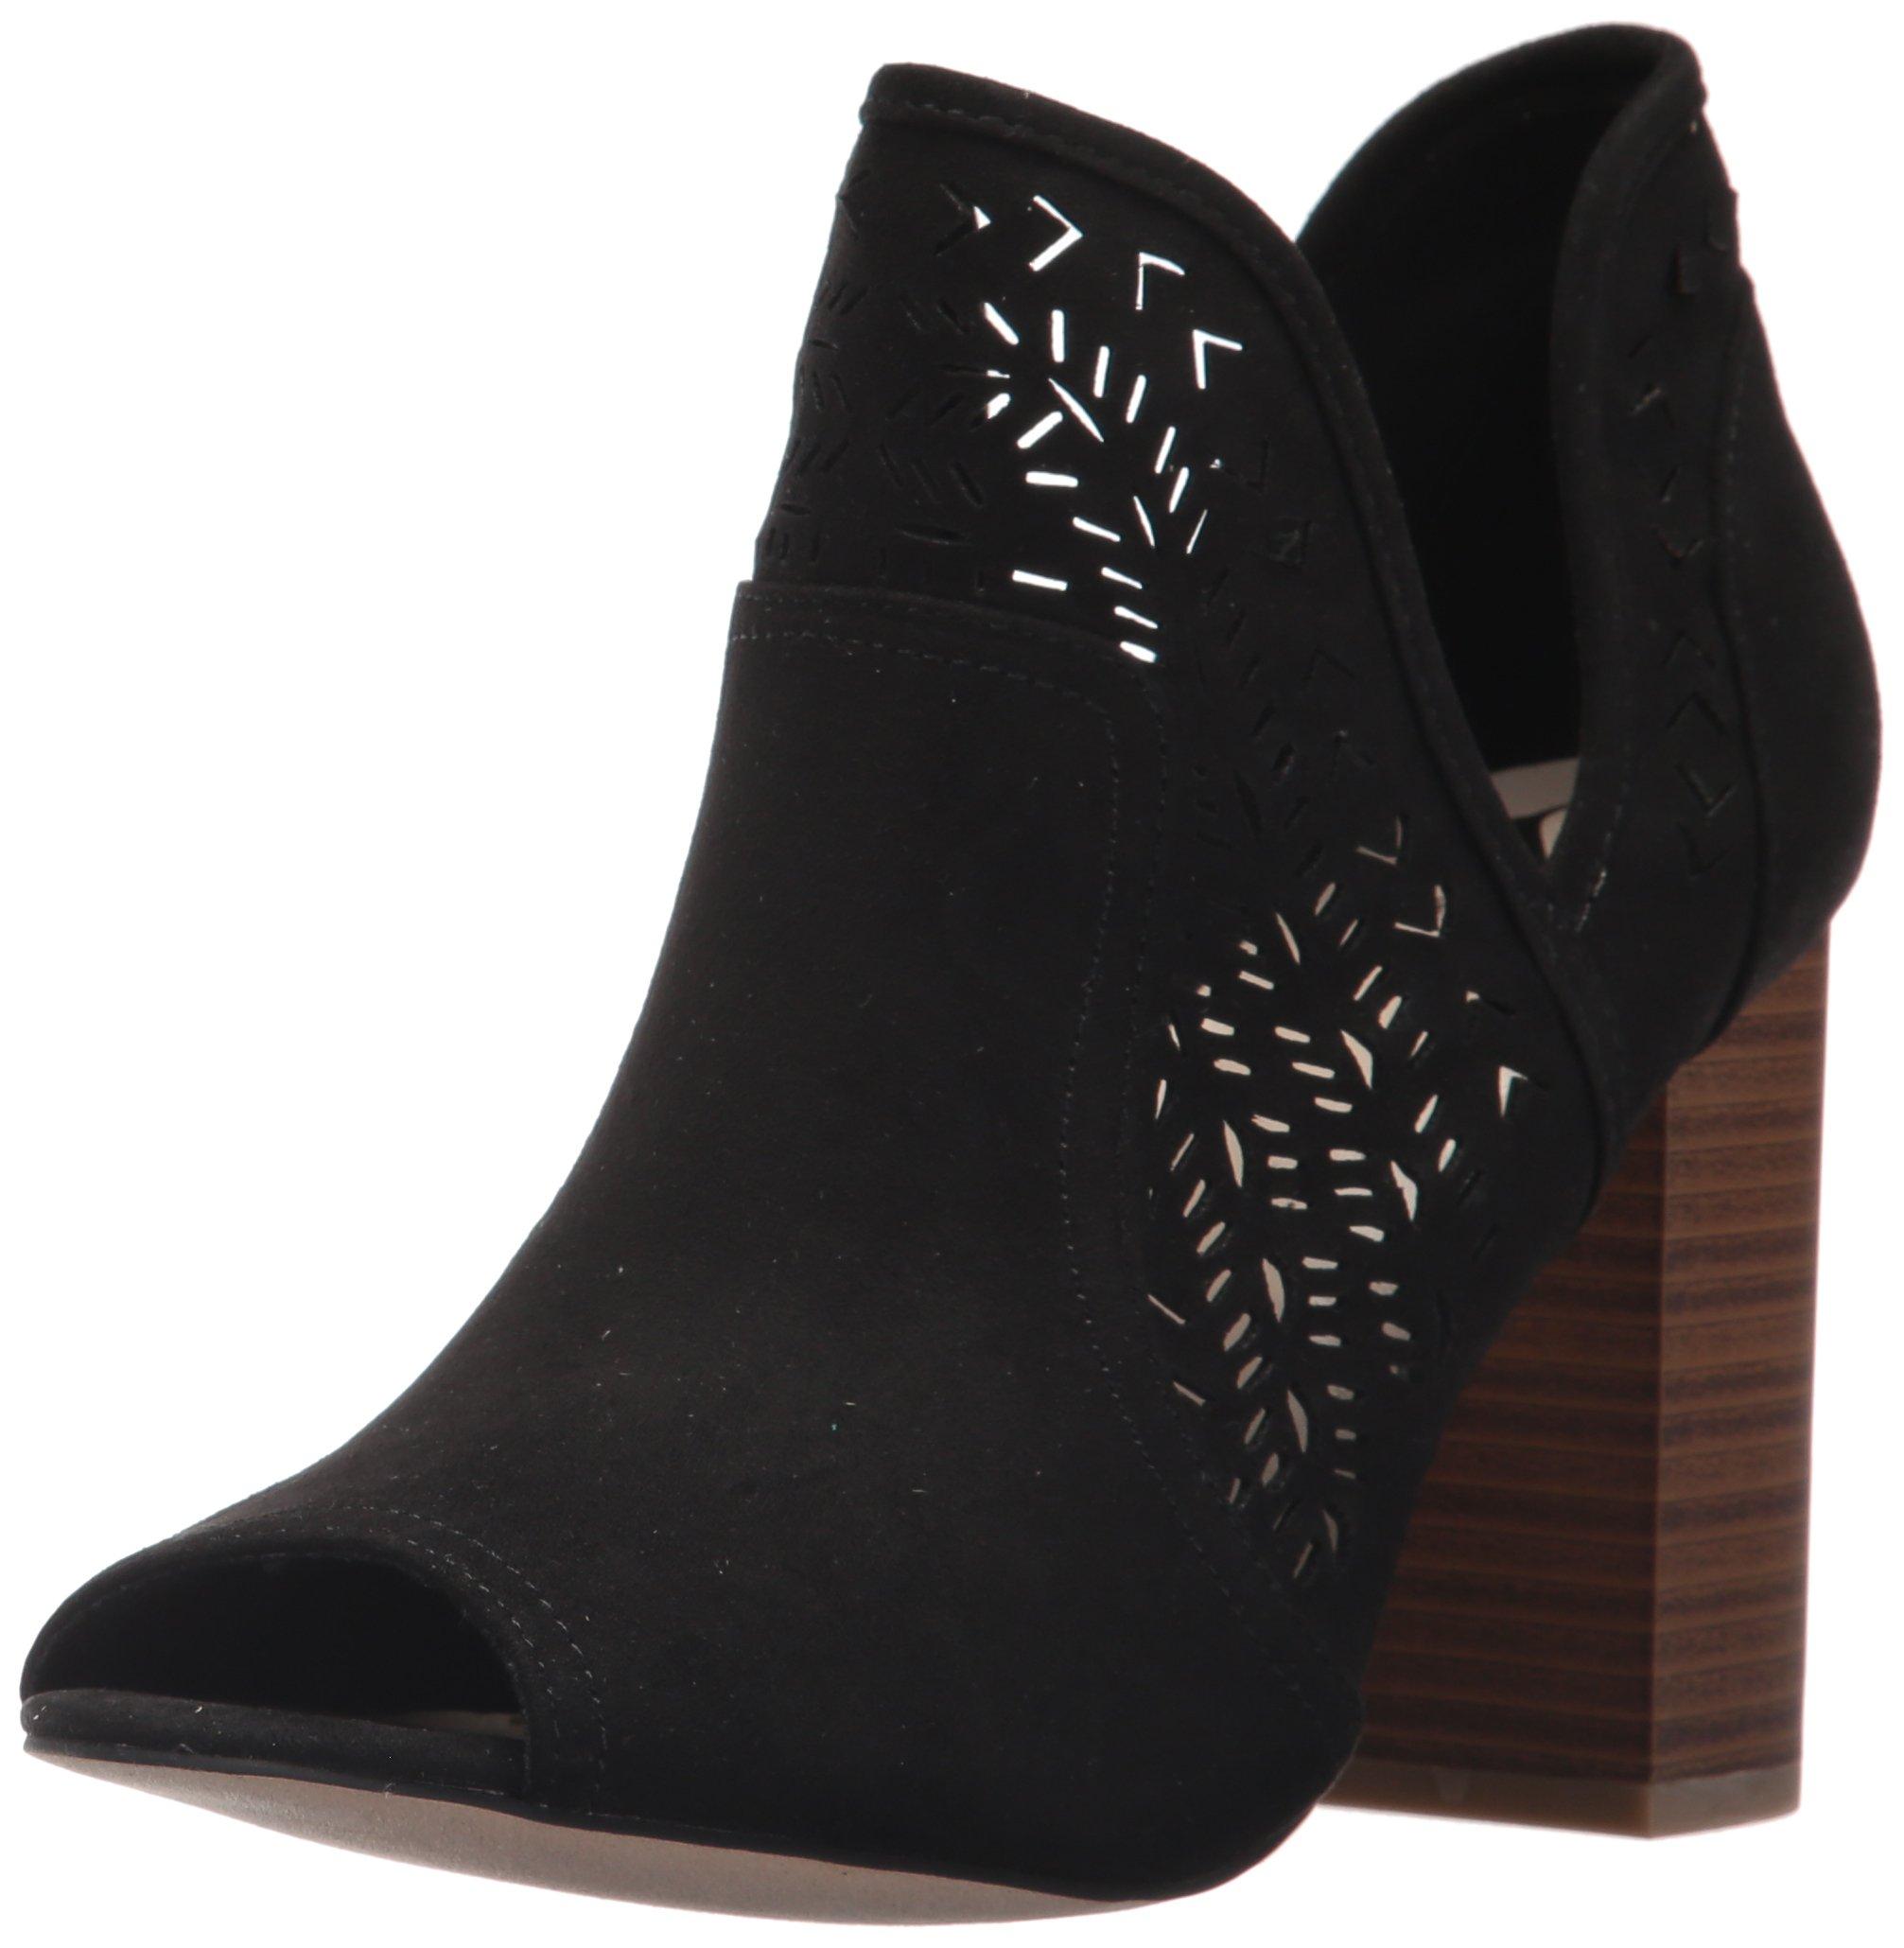 Fergalicious Women's Harvey Ankle Boot, Black, 8.5 M US